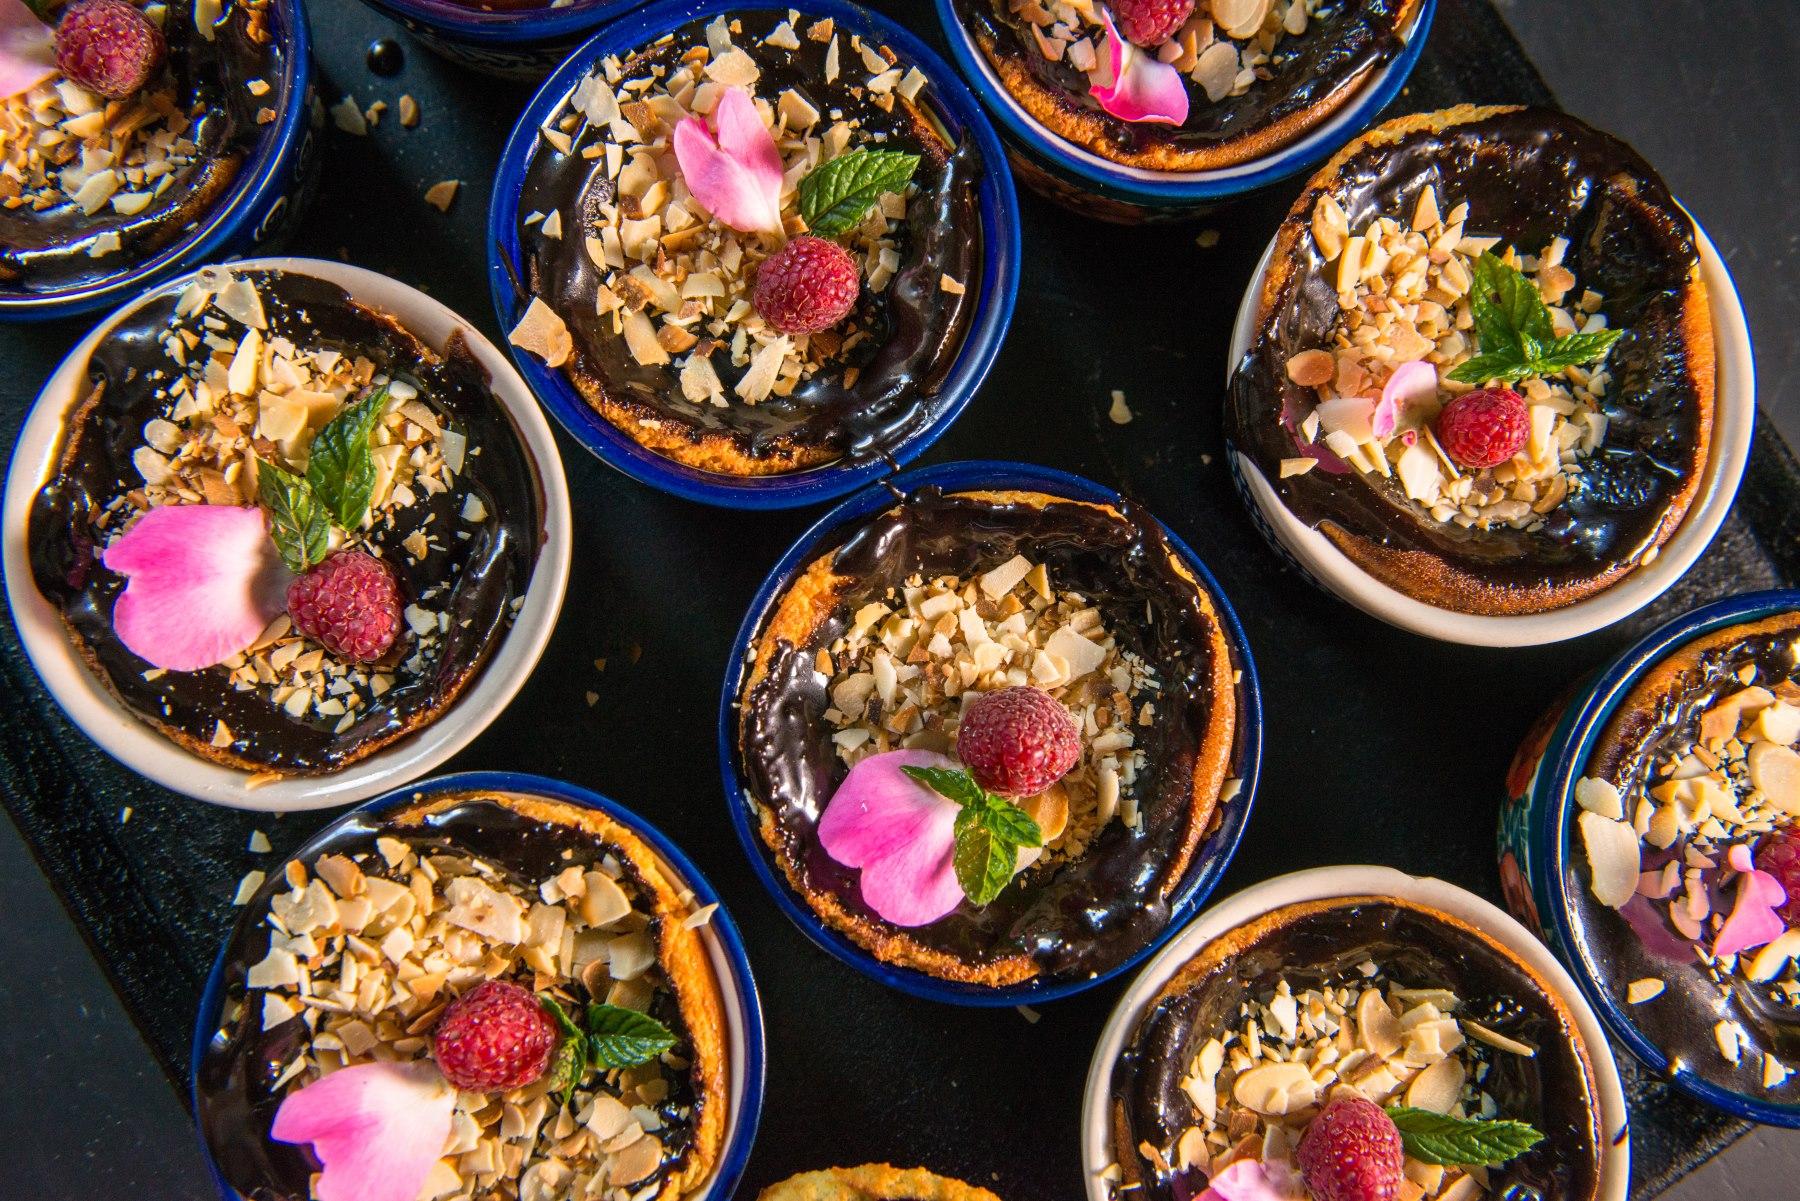 Kolorowe desery w kamionkowych naczyniach